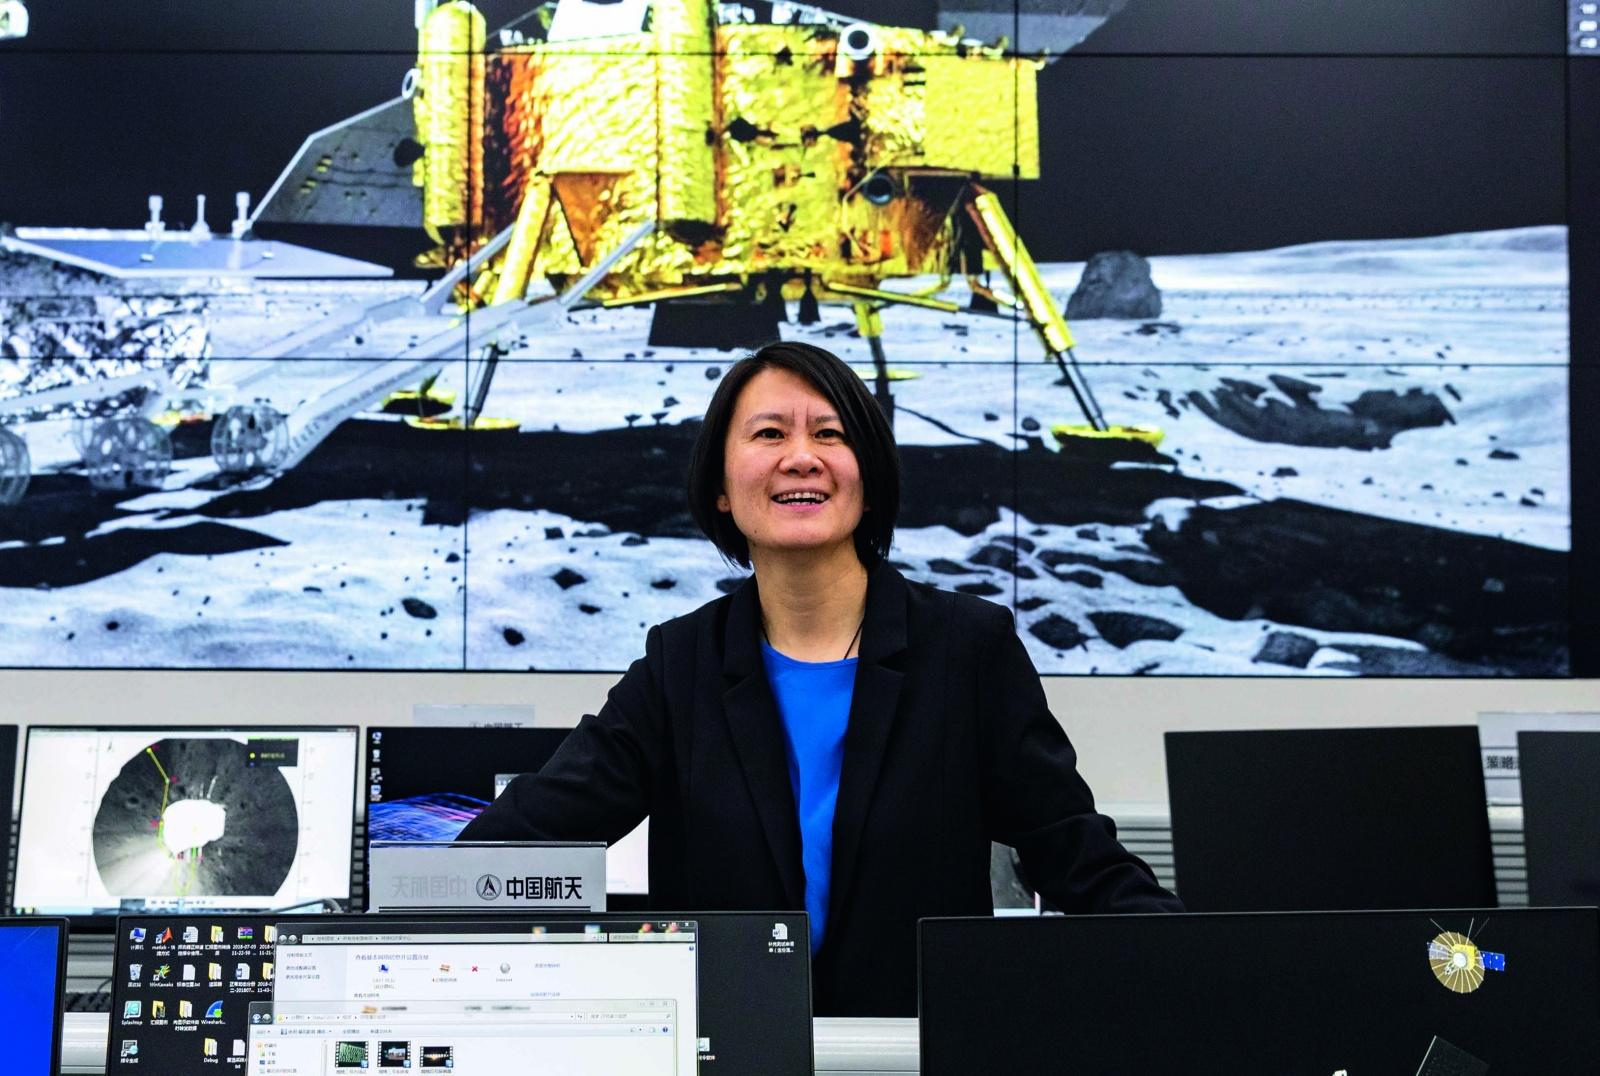 Интересные факты об истории Китайской лунной программы и космической миссии «Чанъэ-4» - 15